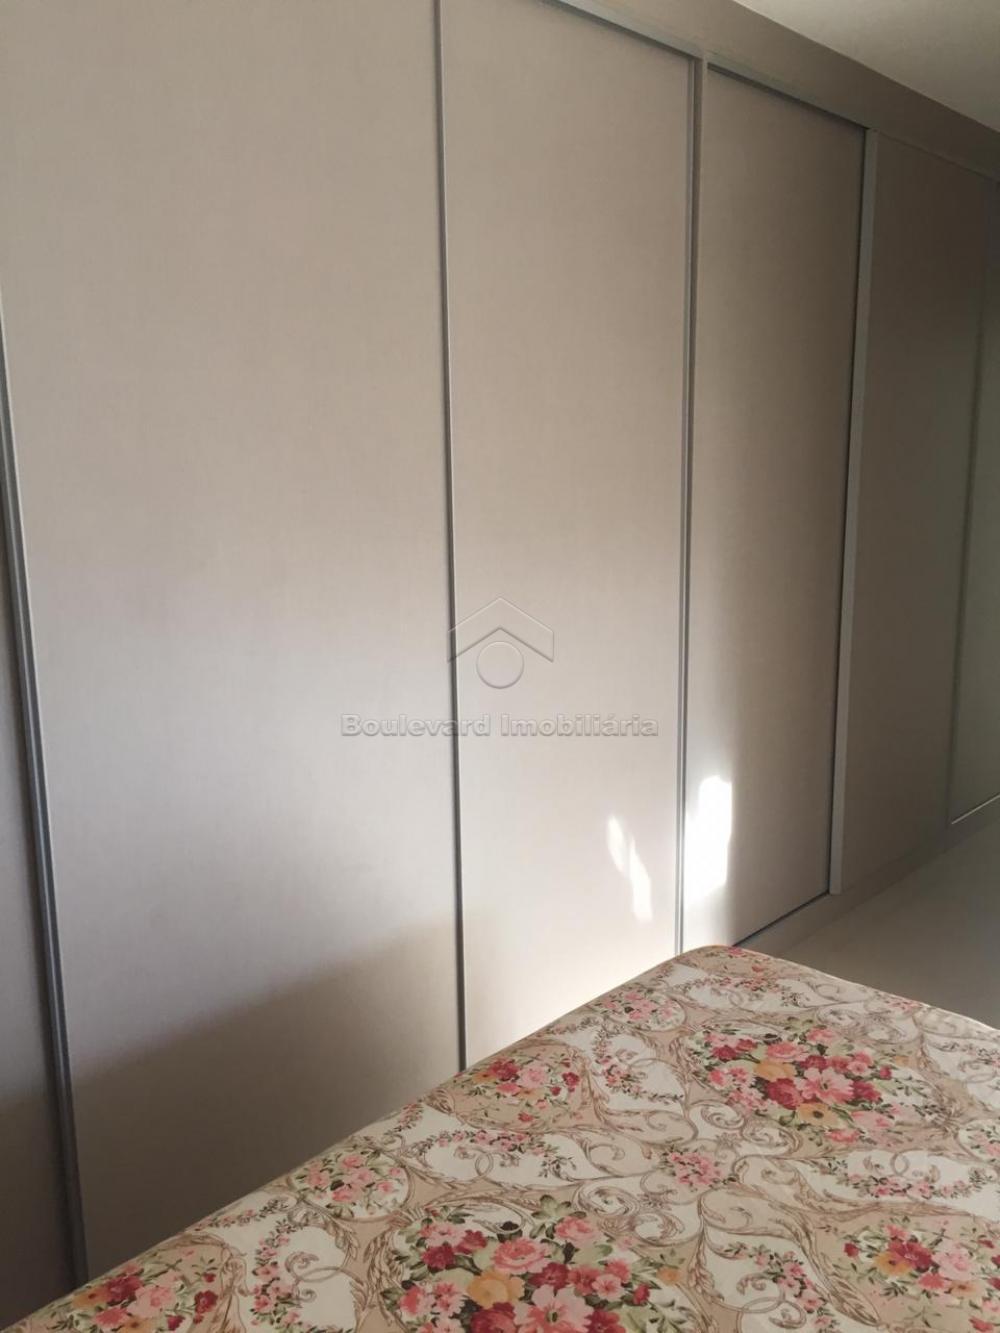 Comprar Apartamento / Padrão em Ribeirão Preto R$ 670.000,00 - Foto 15